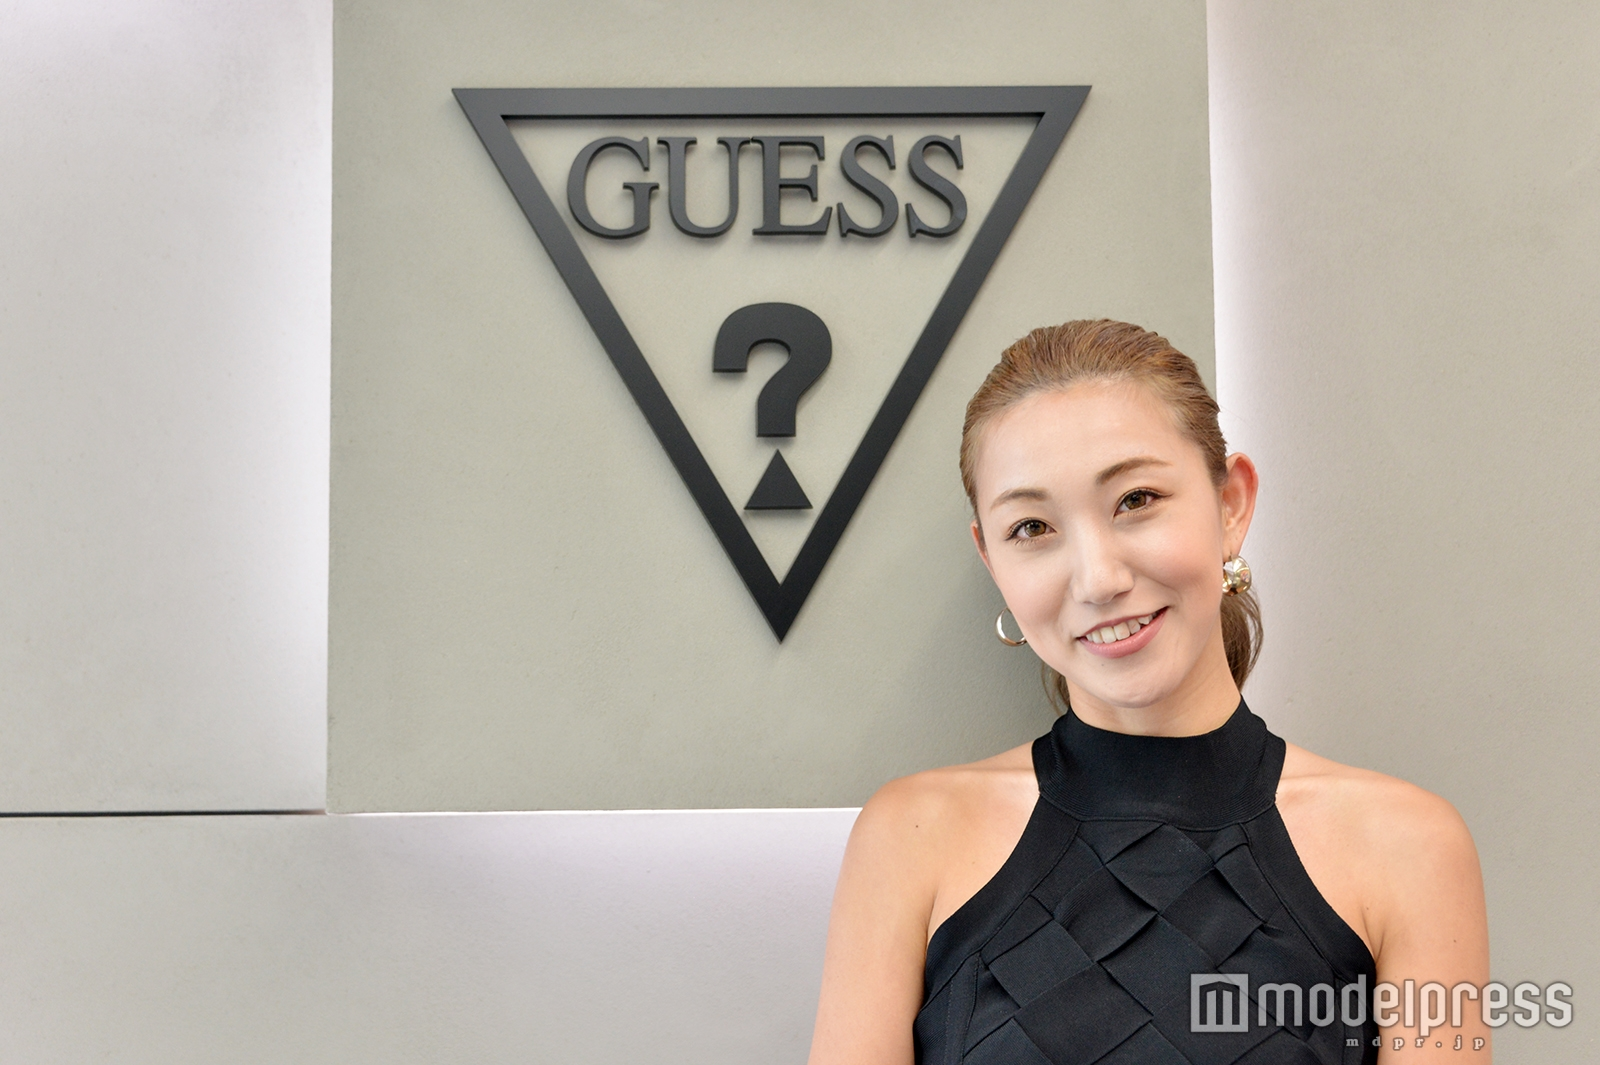 「GUESS」心斎橋店店長の小林英恵さん(C)モデルプレス